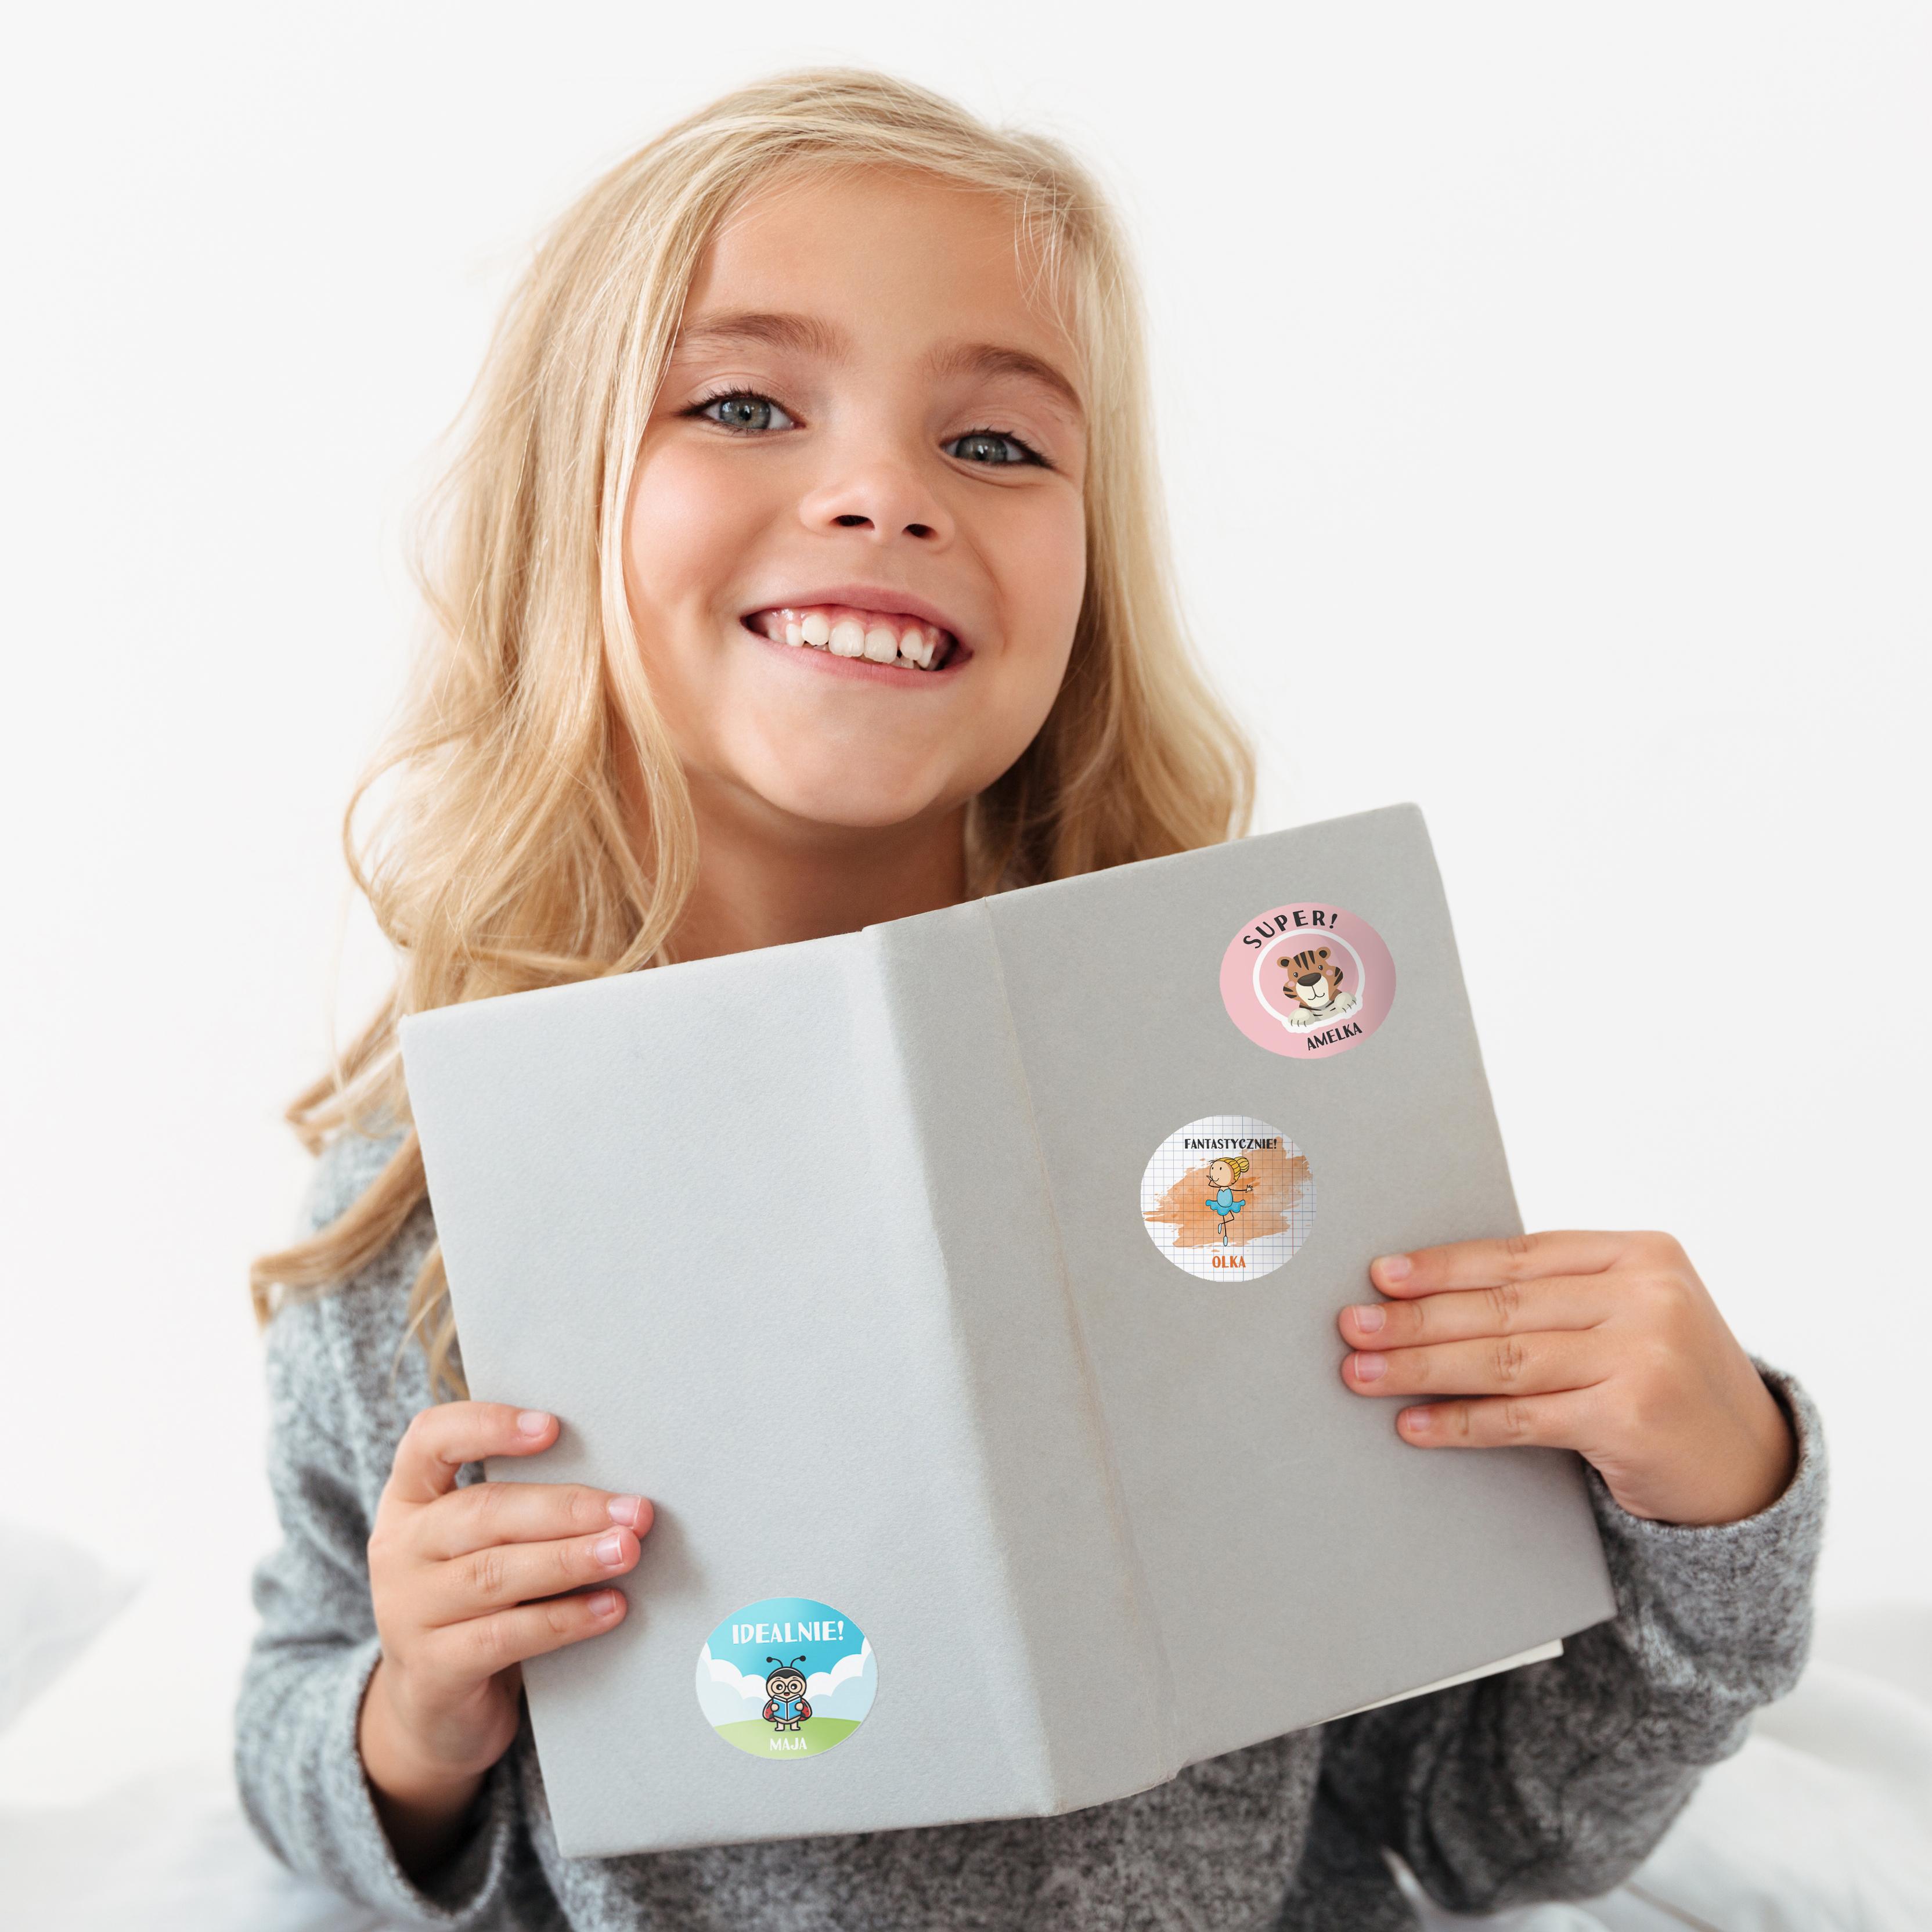 Naklejki motywacyjne dla dzieci szkolne naklejki z imieniem dziecka masz talent chłopiec